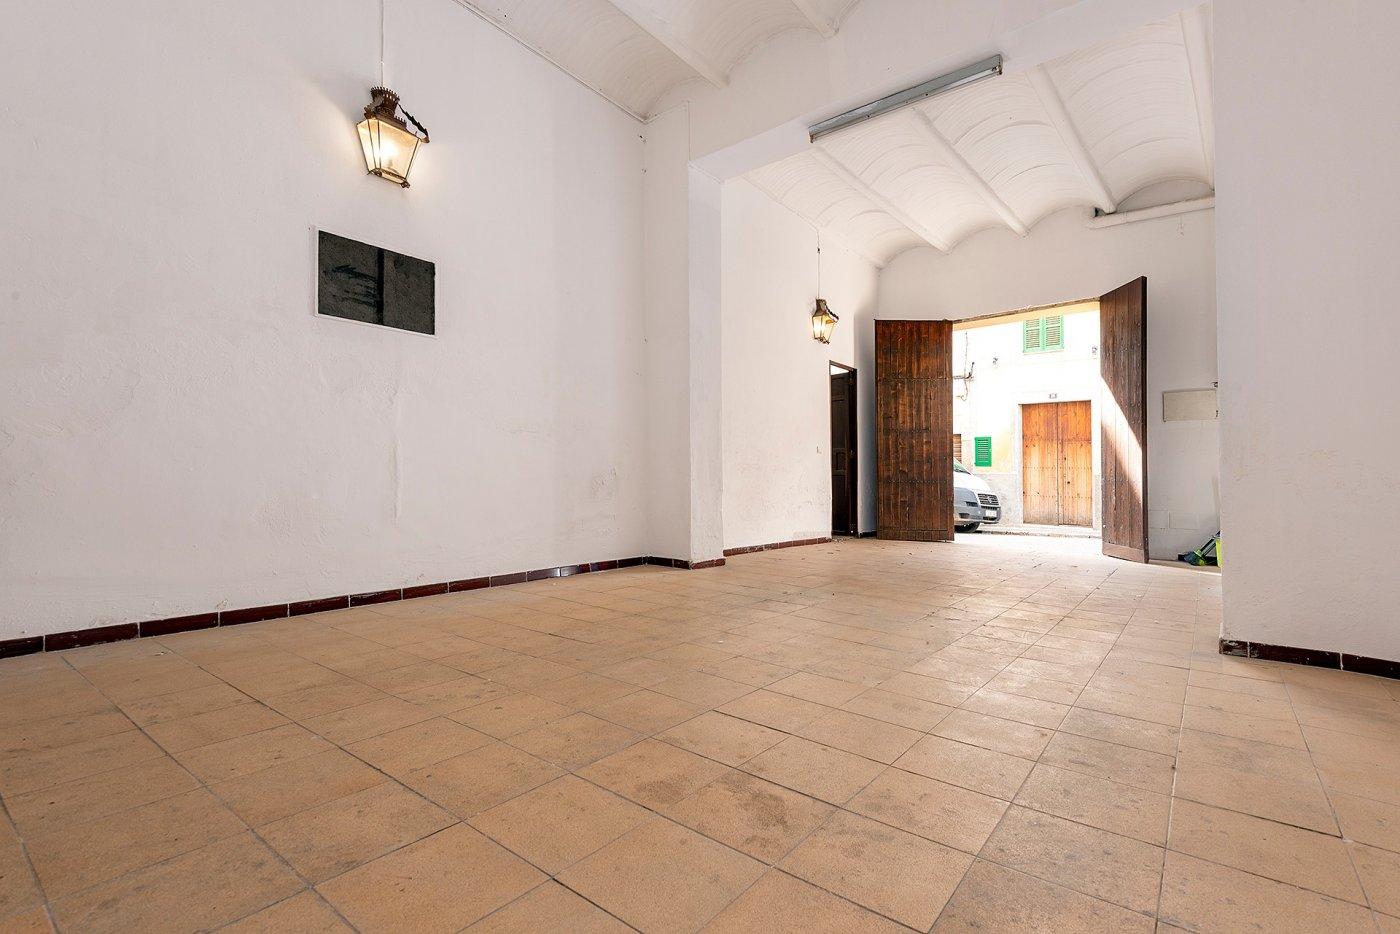 Gran vivienda totalmente reformada en pleno centro de manacor - imagenInmueble11